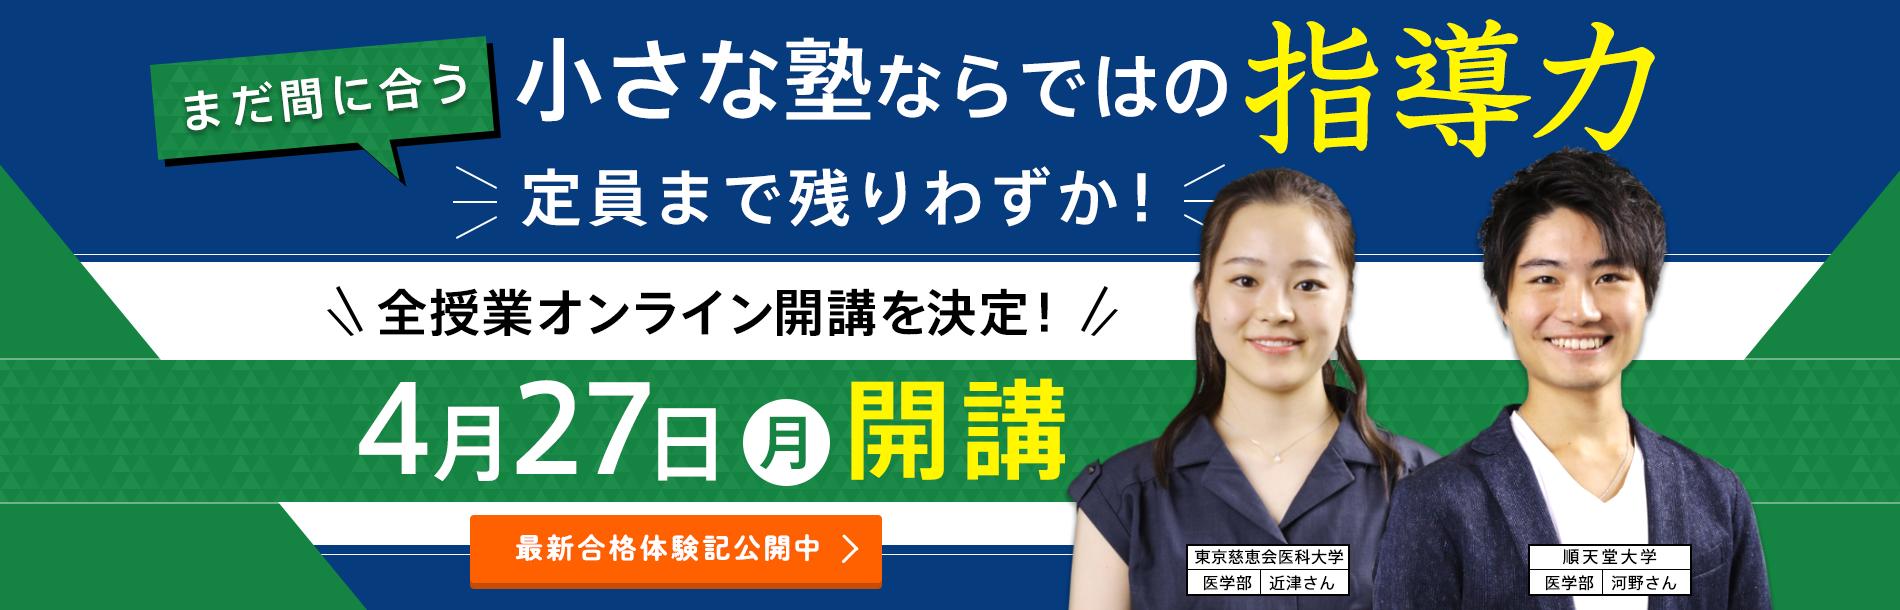 【一会塾】全授業オンライン開講を決定! 4月27日(月)開講